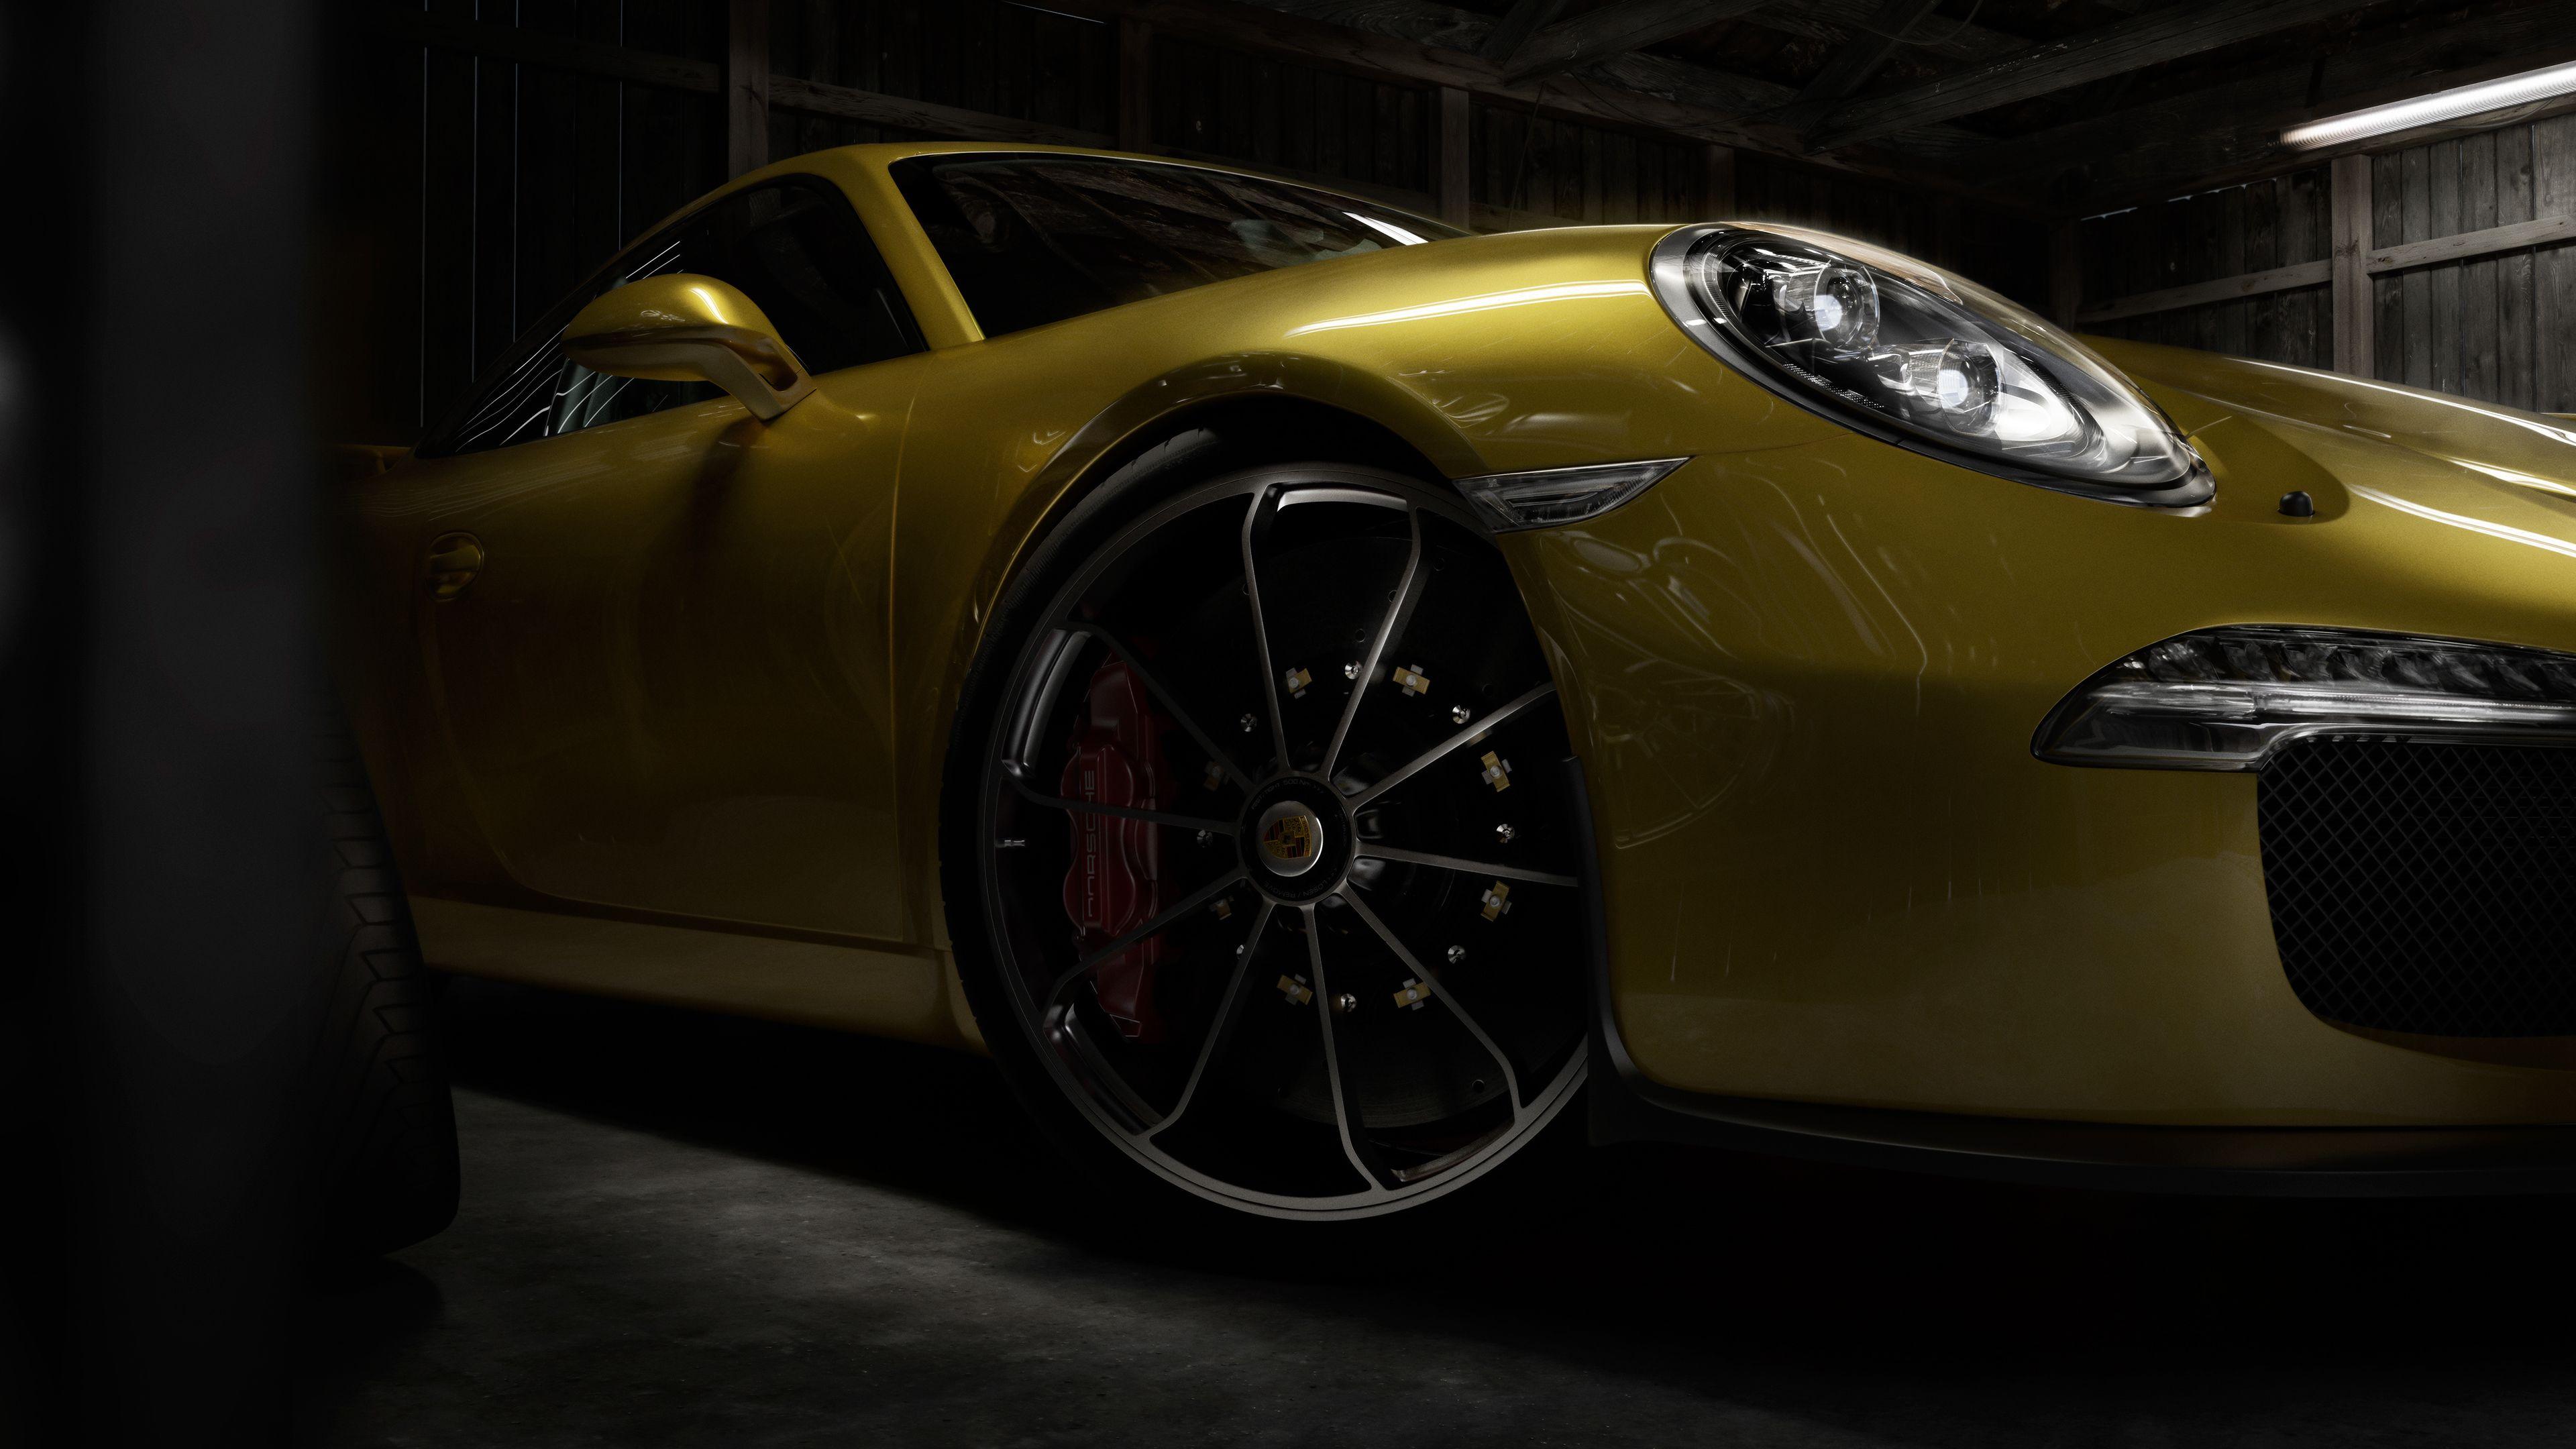 Porsche Gt3 Front 4k Porsche Wallpapers Porsche Gt3 Wallpapers Hd Wallpapers Cars Wallpapers Behance Wallpapers 4k Wall Porsche Car Wallpapers Porsche Gt3